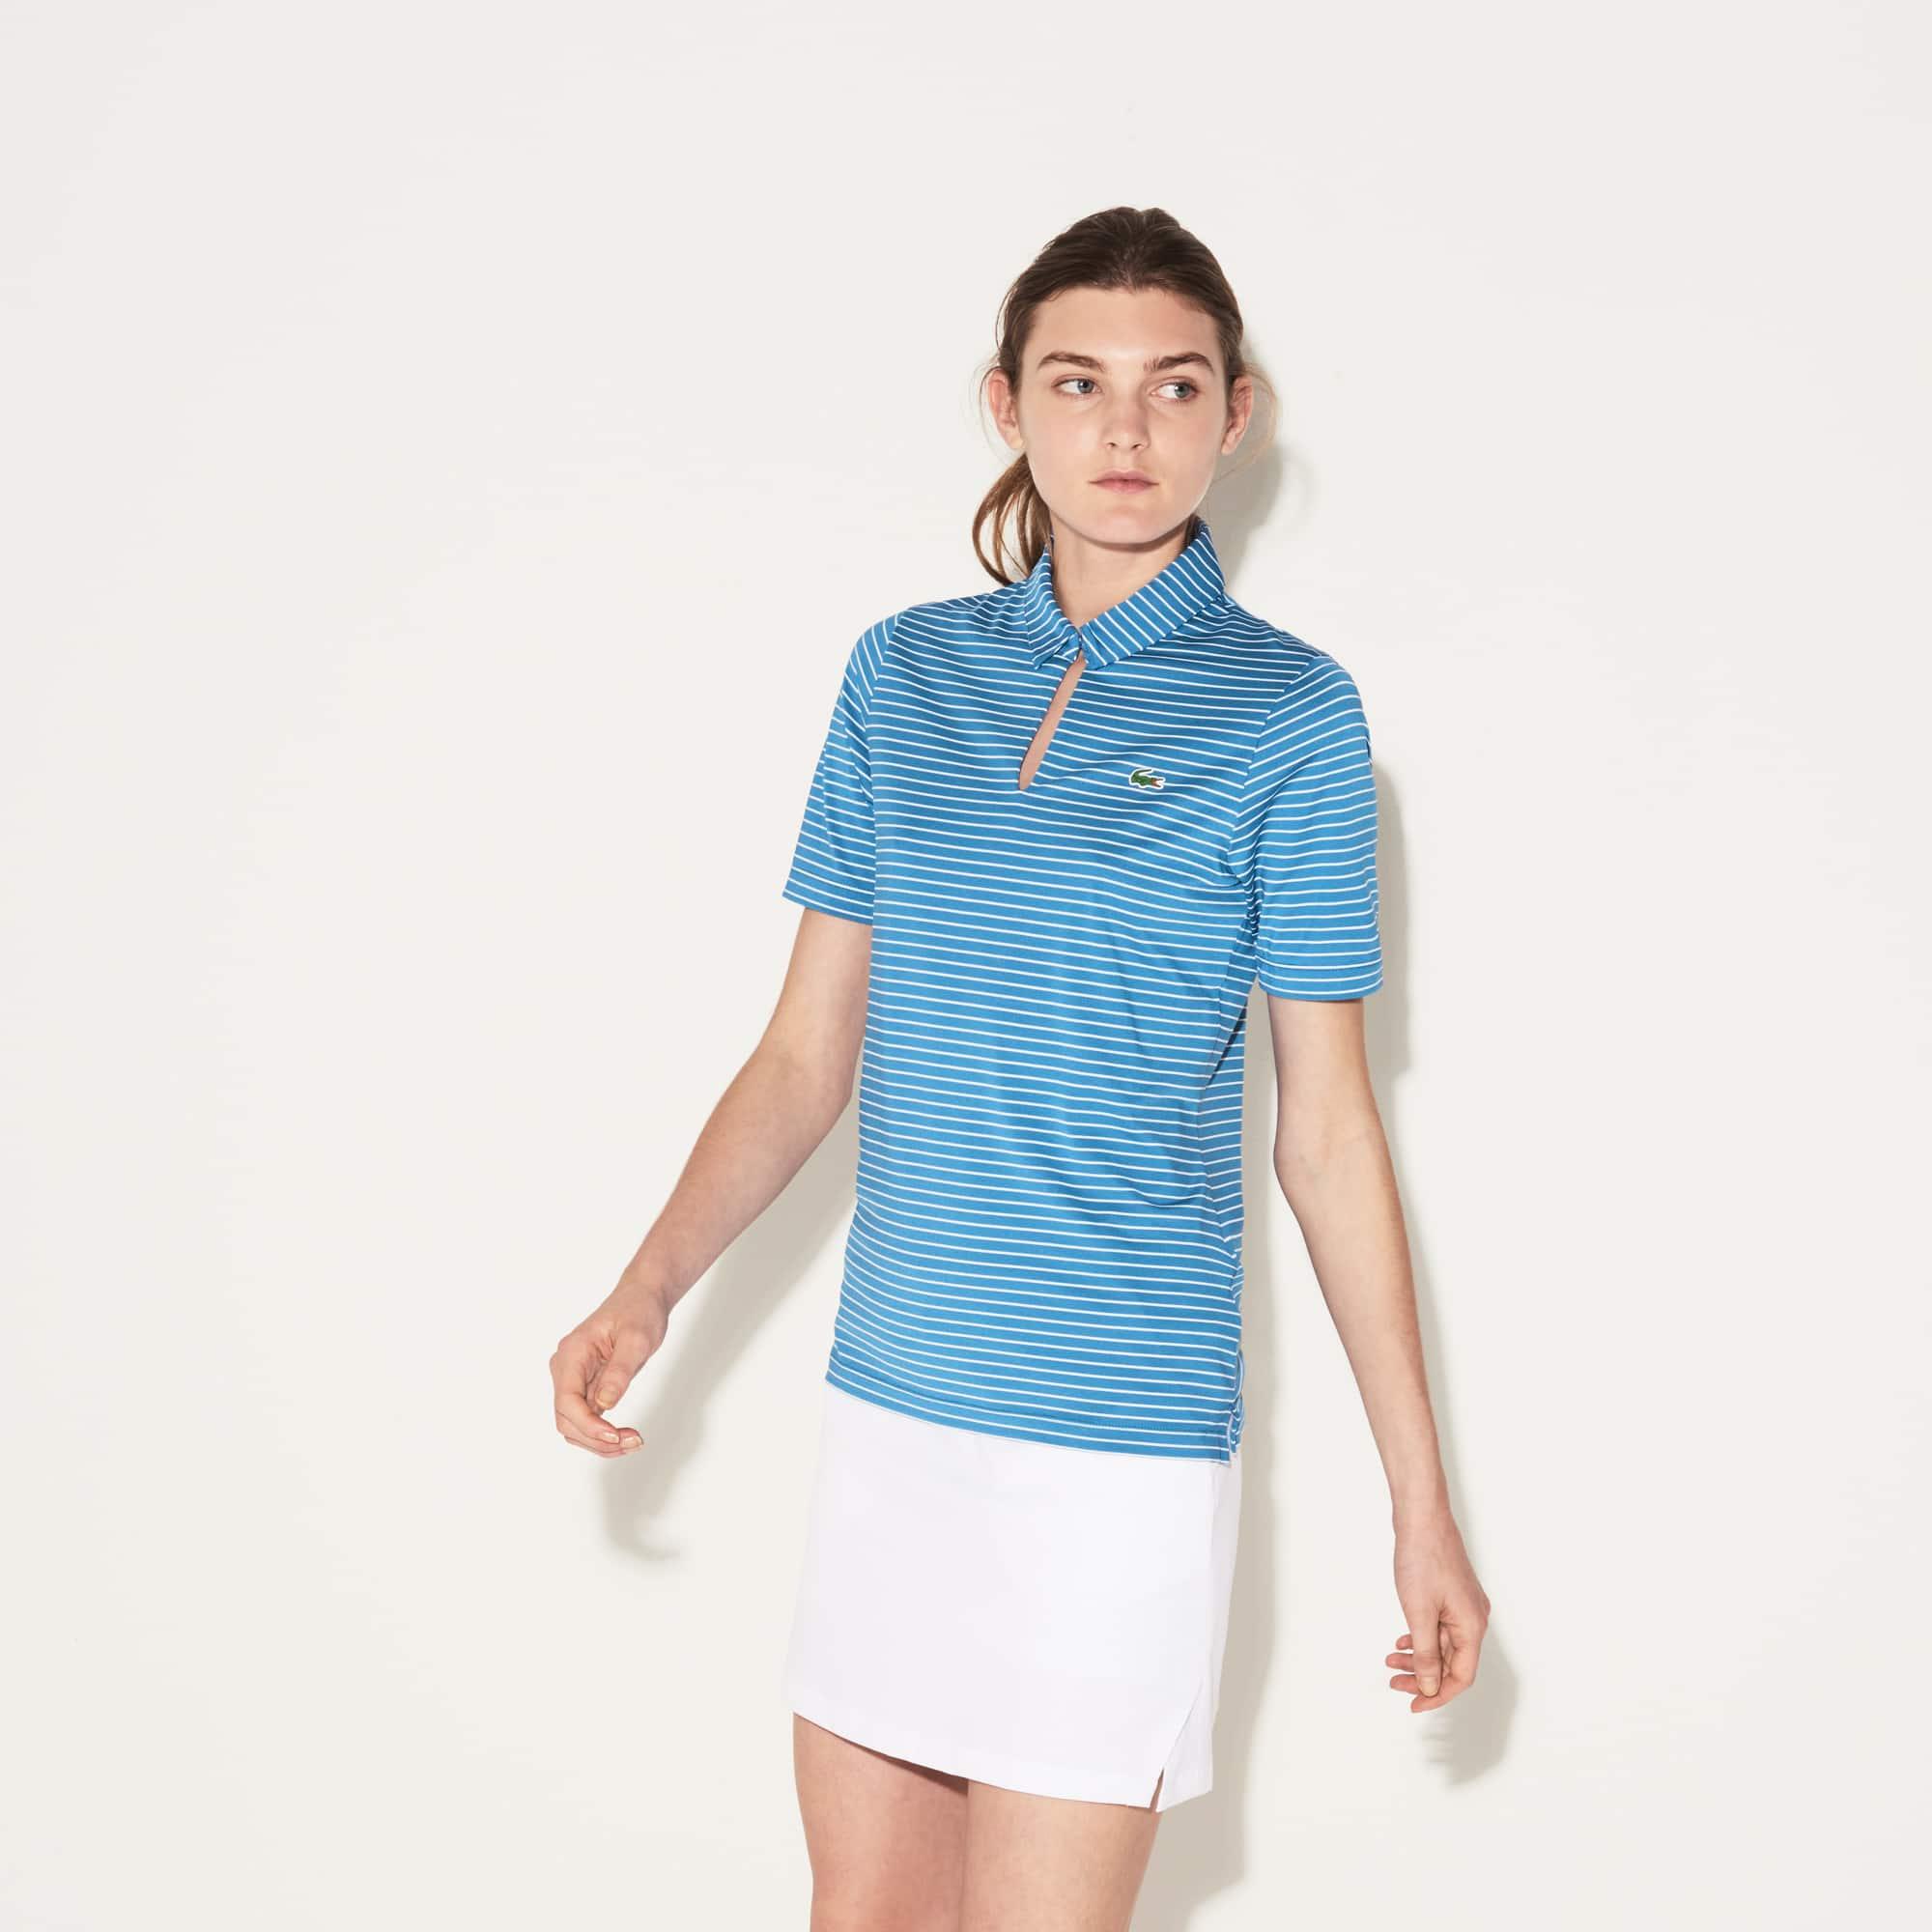 Damen LACOSTE SPORT gestreiftes Golf-Poloshirt